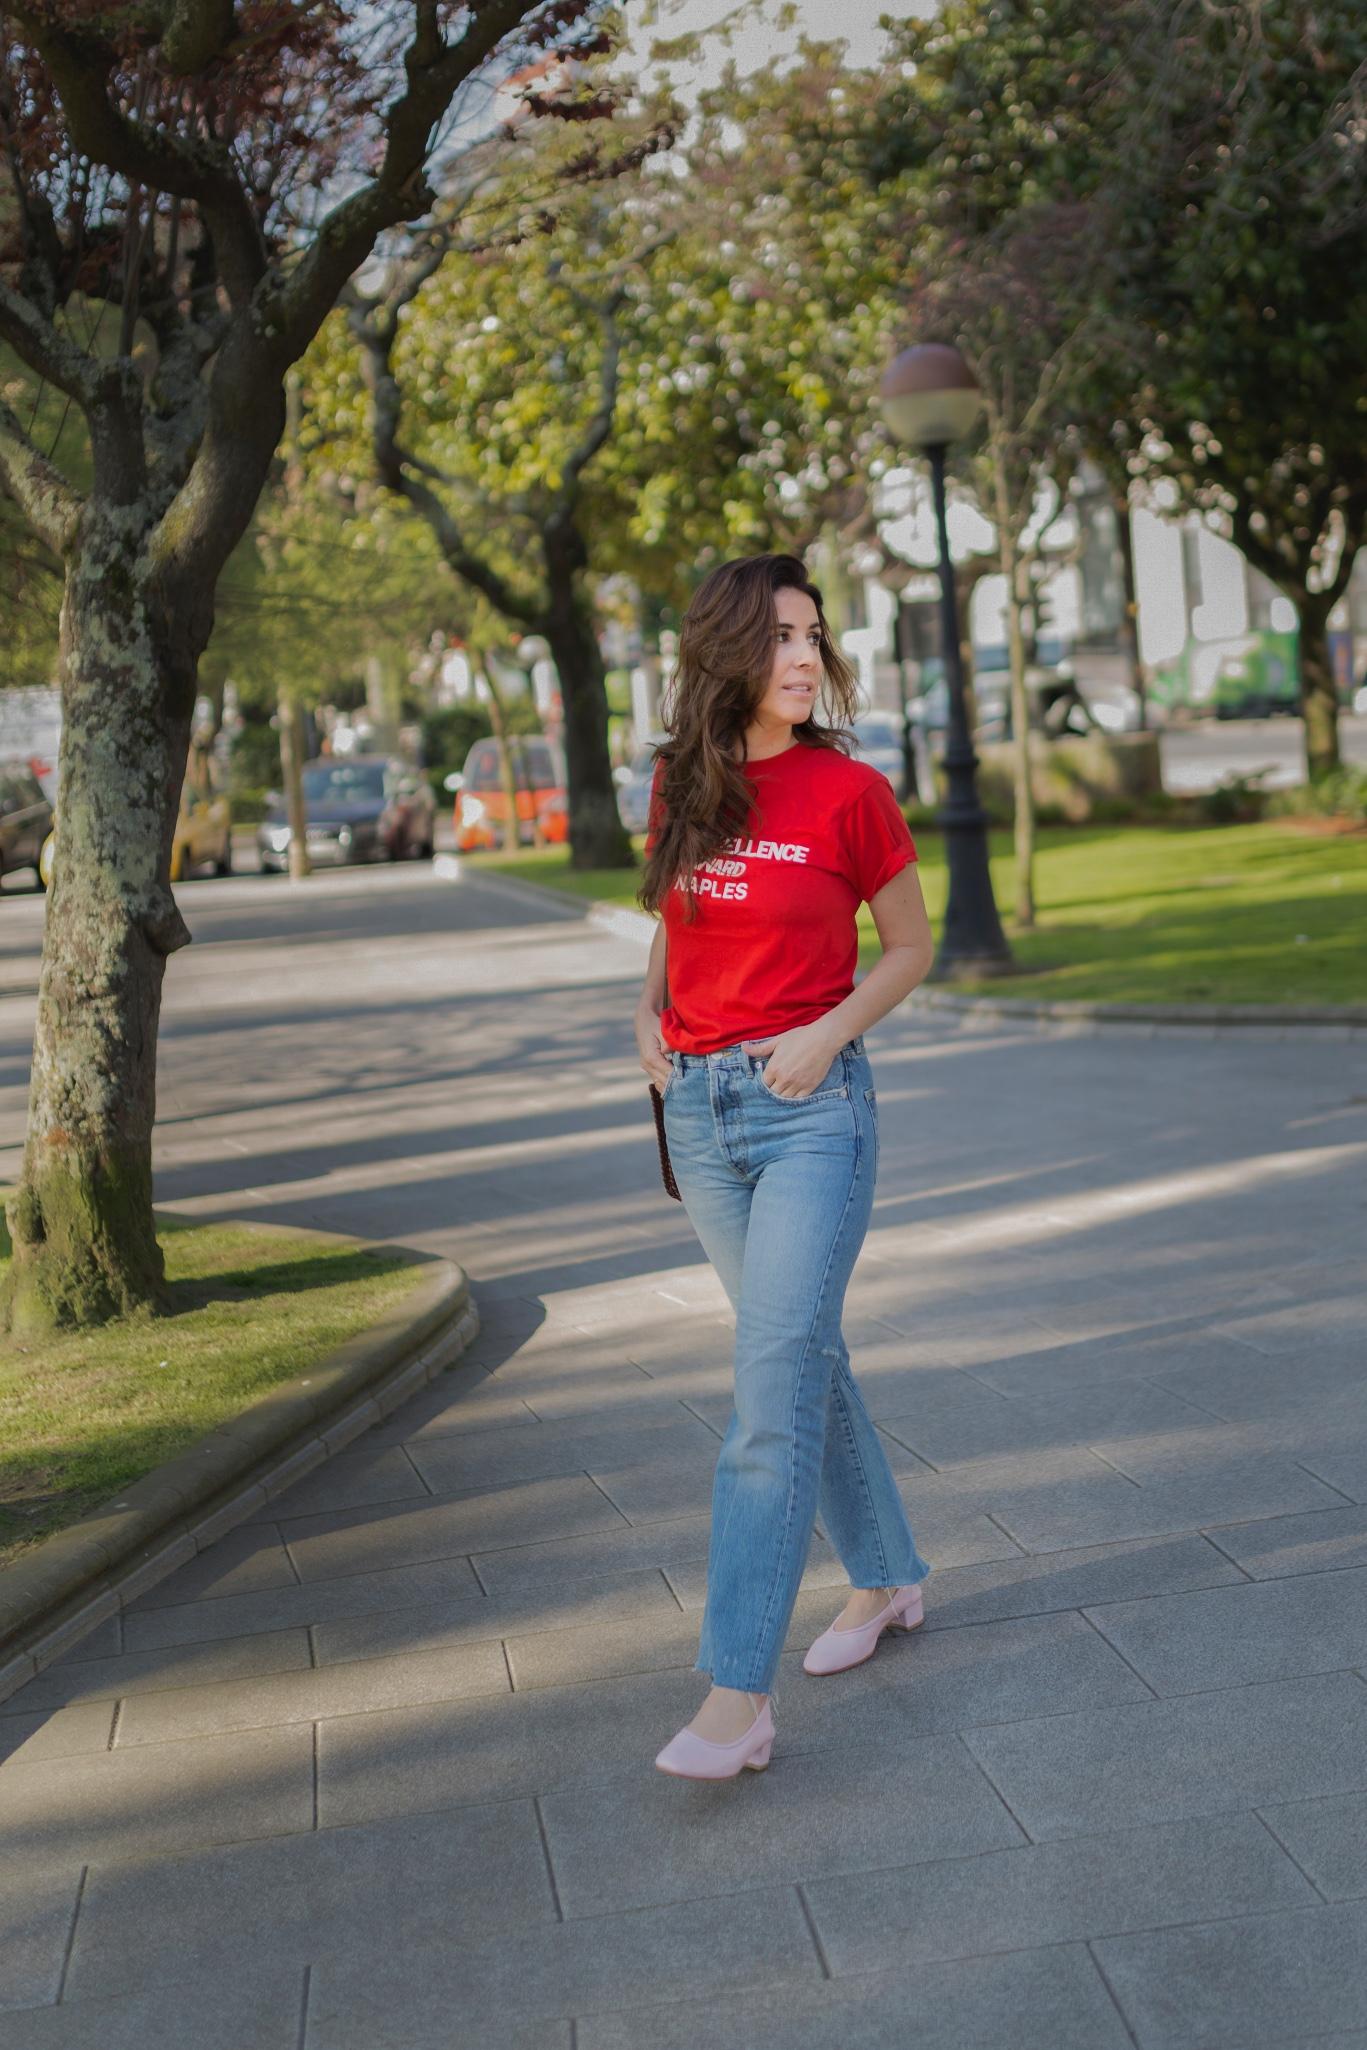 blogger-alba cuesta-mezclas imposibles- rojo y rosa- look of the day- style- streetstyle- coruña-descalzaporelparque- stylelovely- zara- vintage